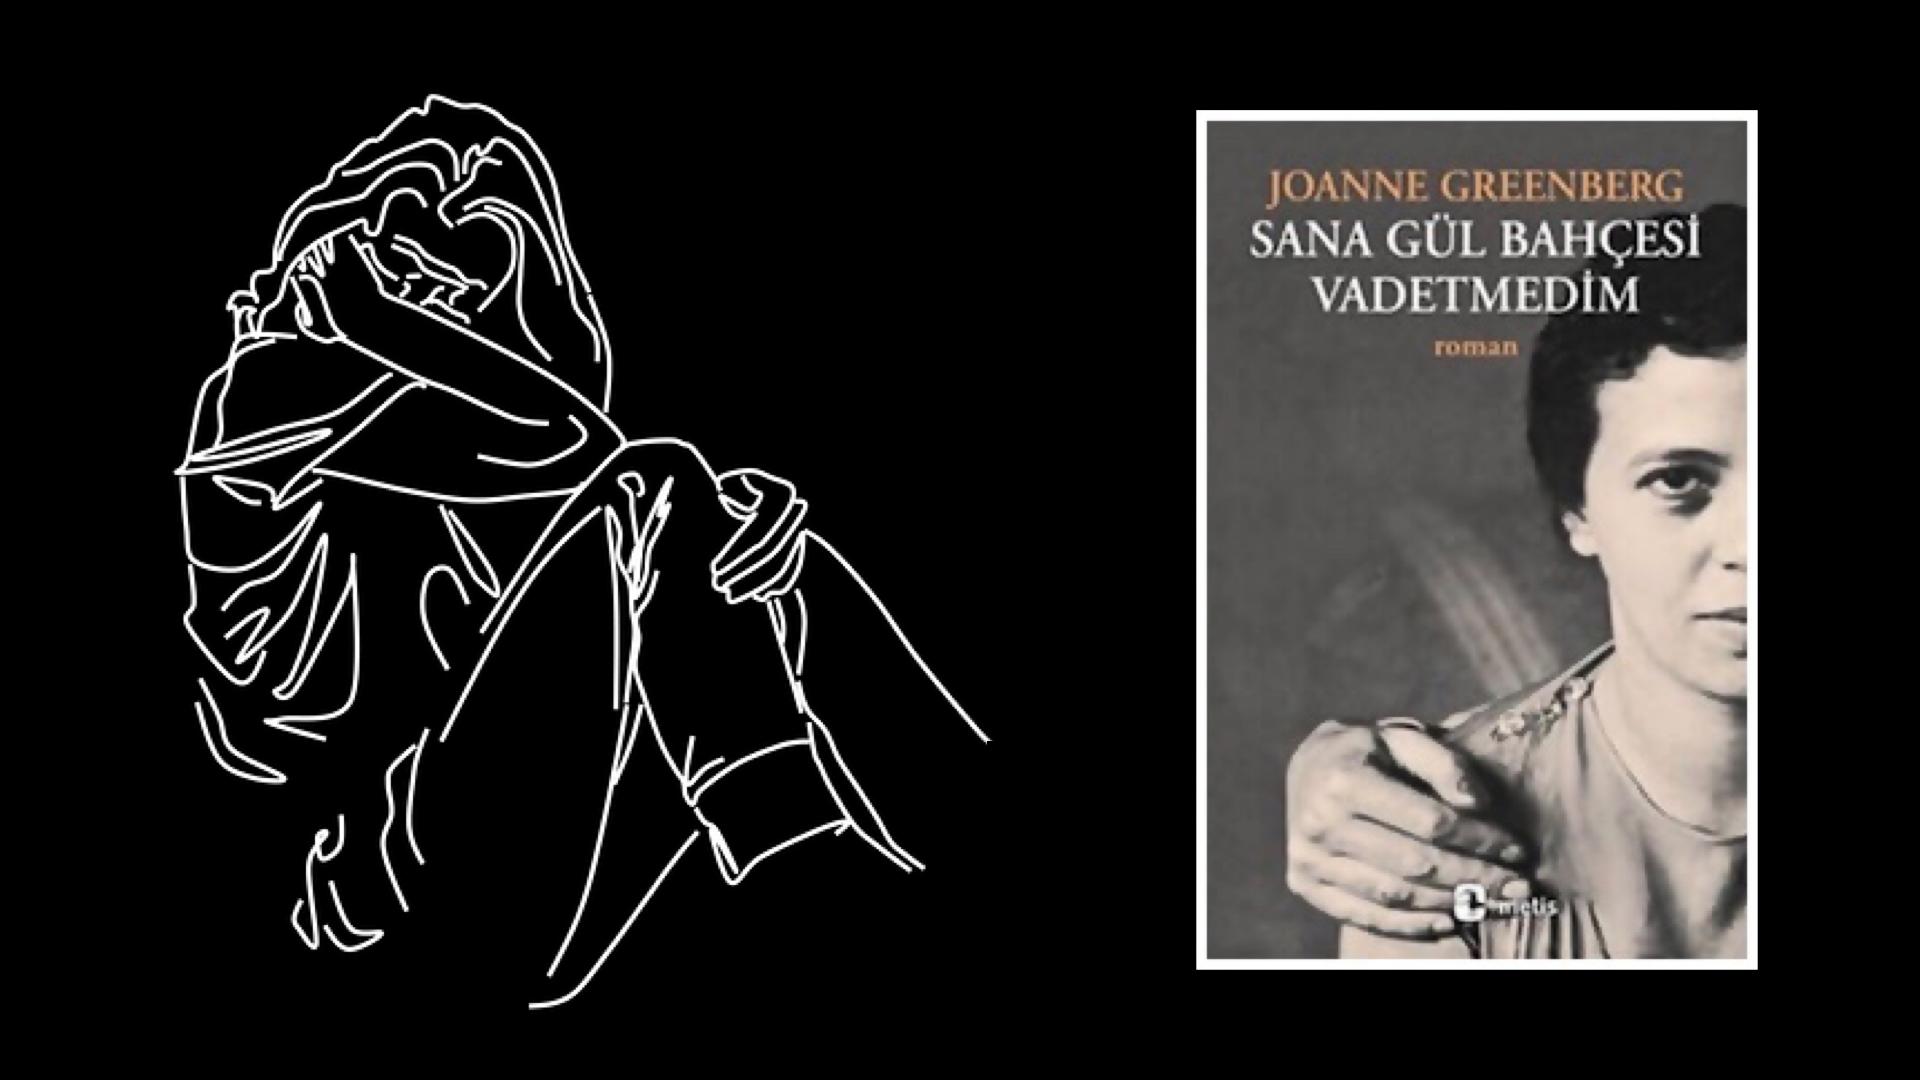 Kitap: Sana Gül Bahçesi Vadetmedim | Yazar: Joanne Greenberg | Yorumlayan: Kübra Mısırlı Keskin